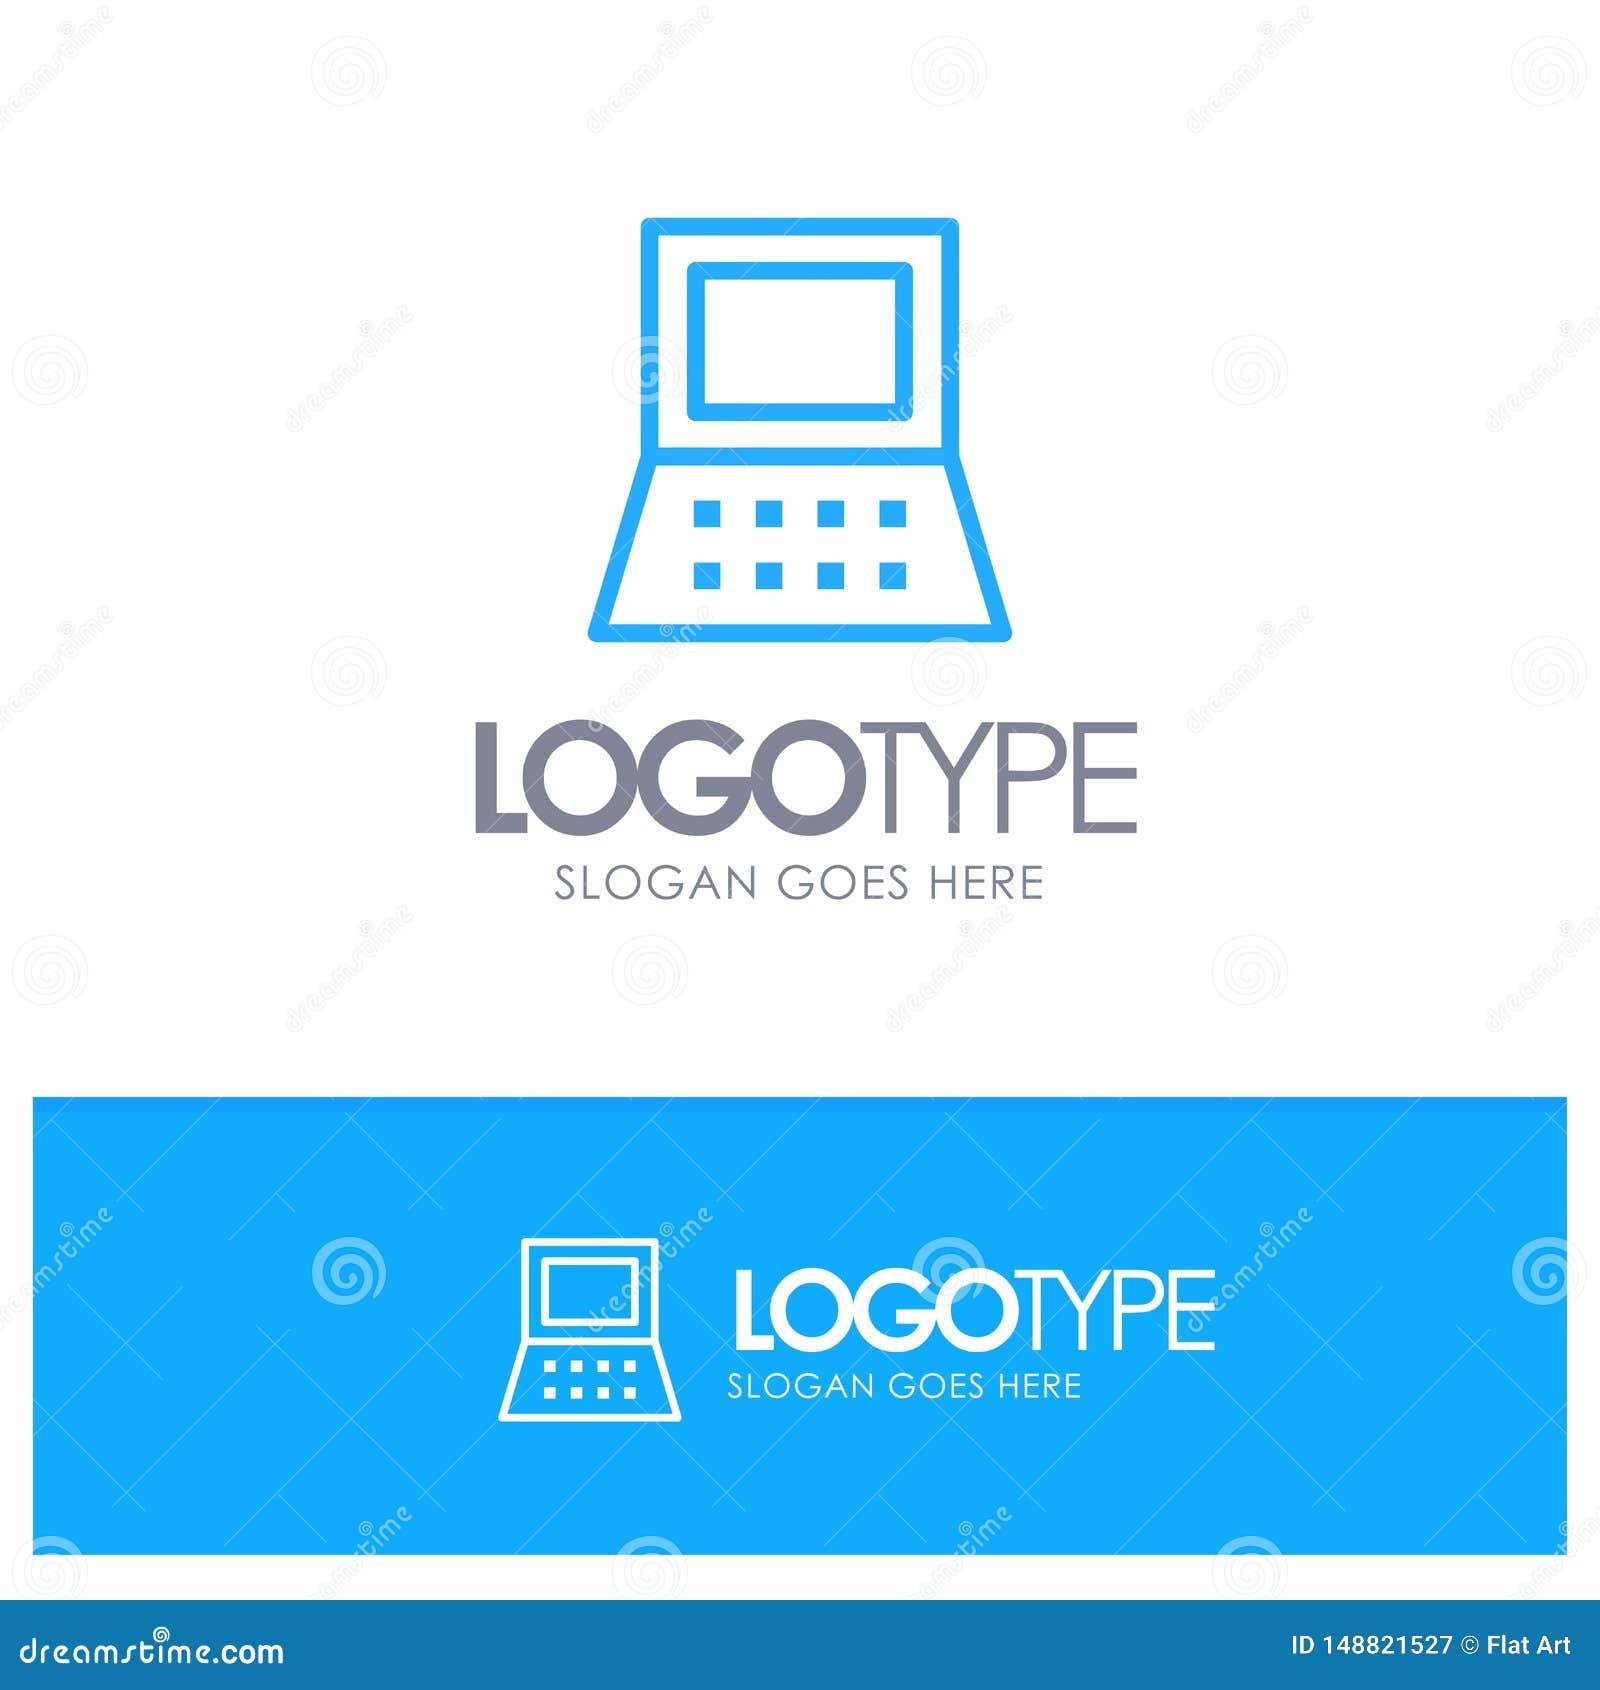 Laptop, Computer, Hardware Blue Outline Logo Place for Tagline